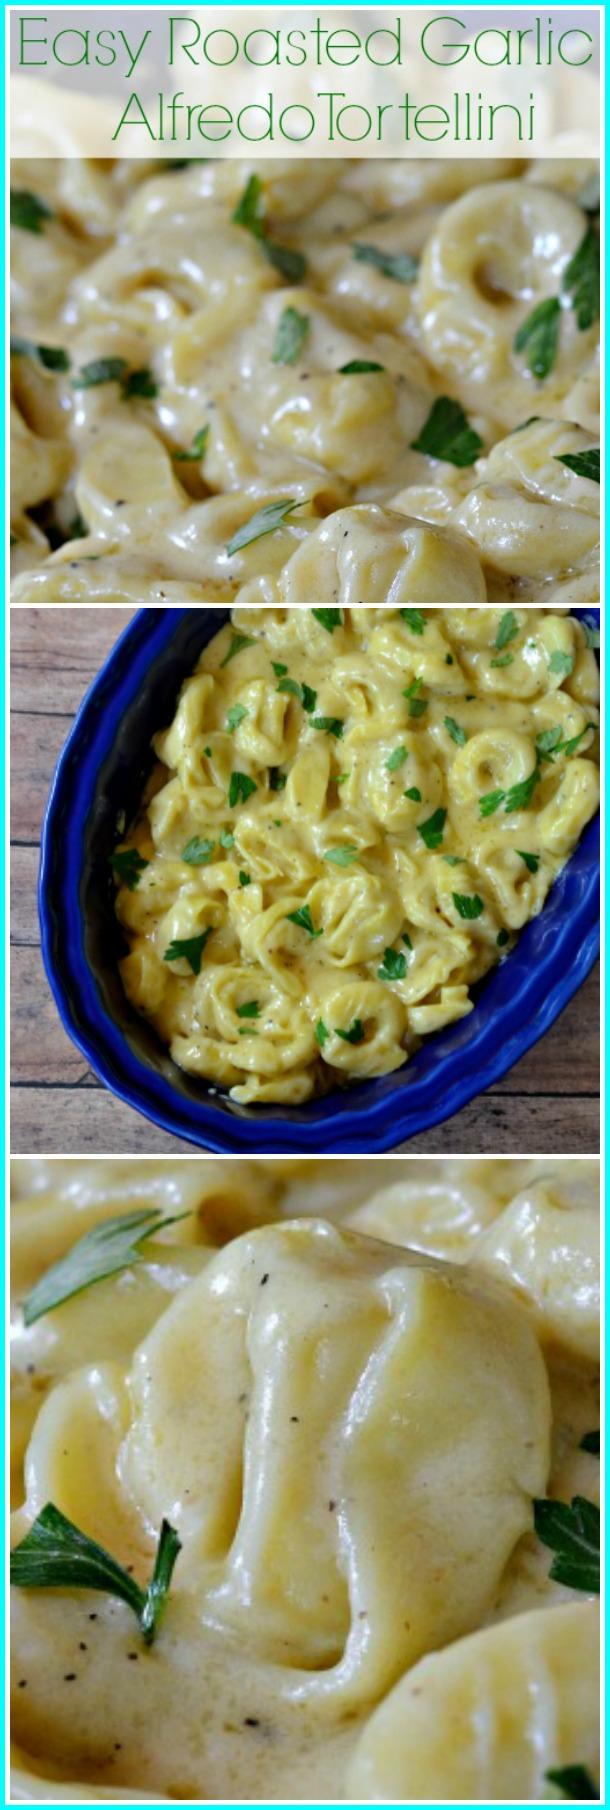 Easy Roasted Garlic Tortellini